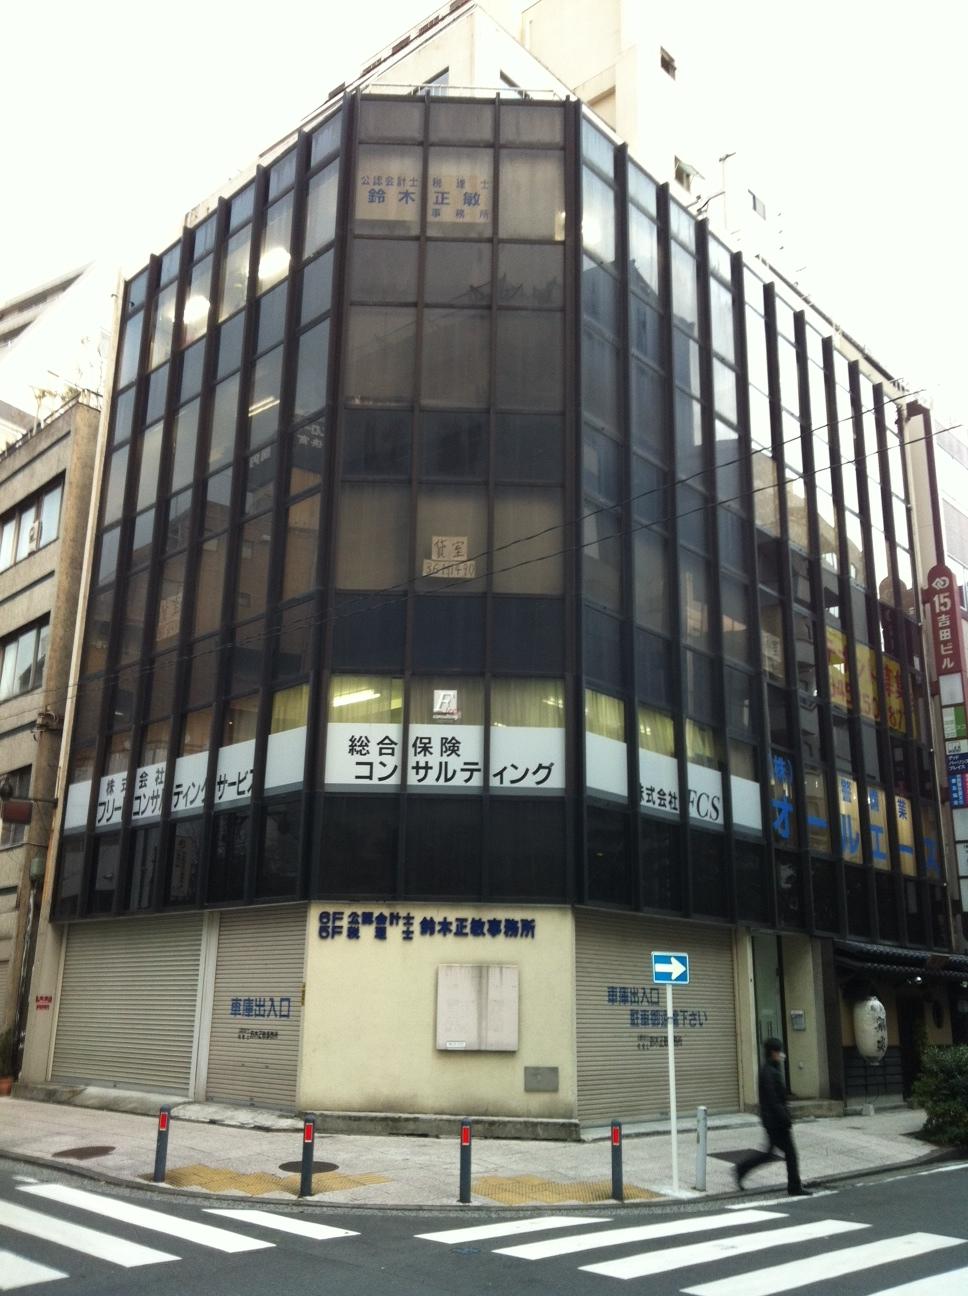 横浜市中区常盤町5-69:スマイル保険(株式会社フリートコンサルティングサービス)